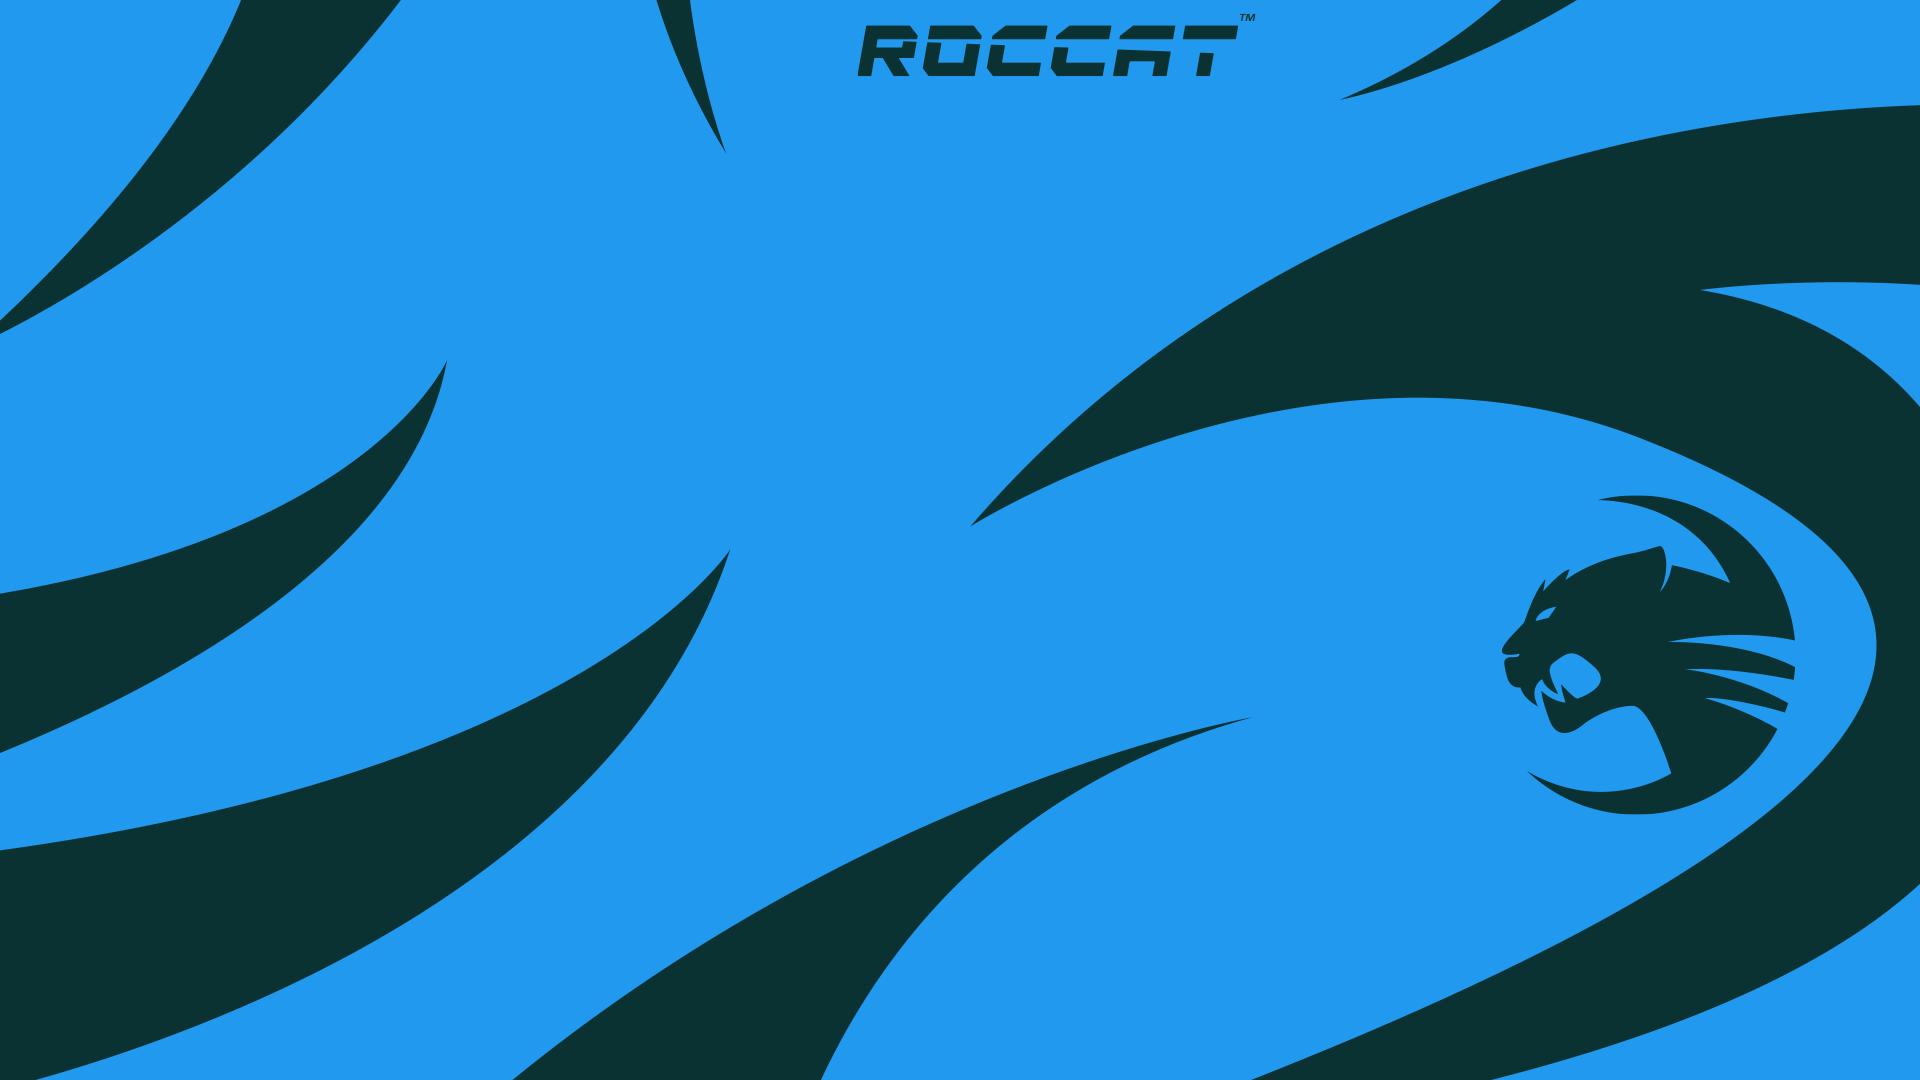 Roccat wallpaper